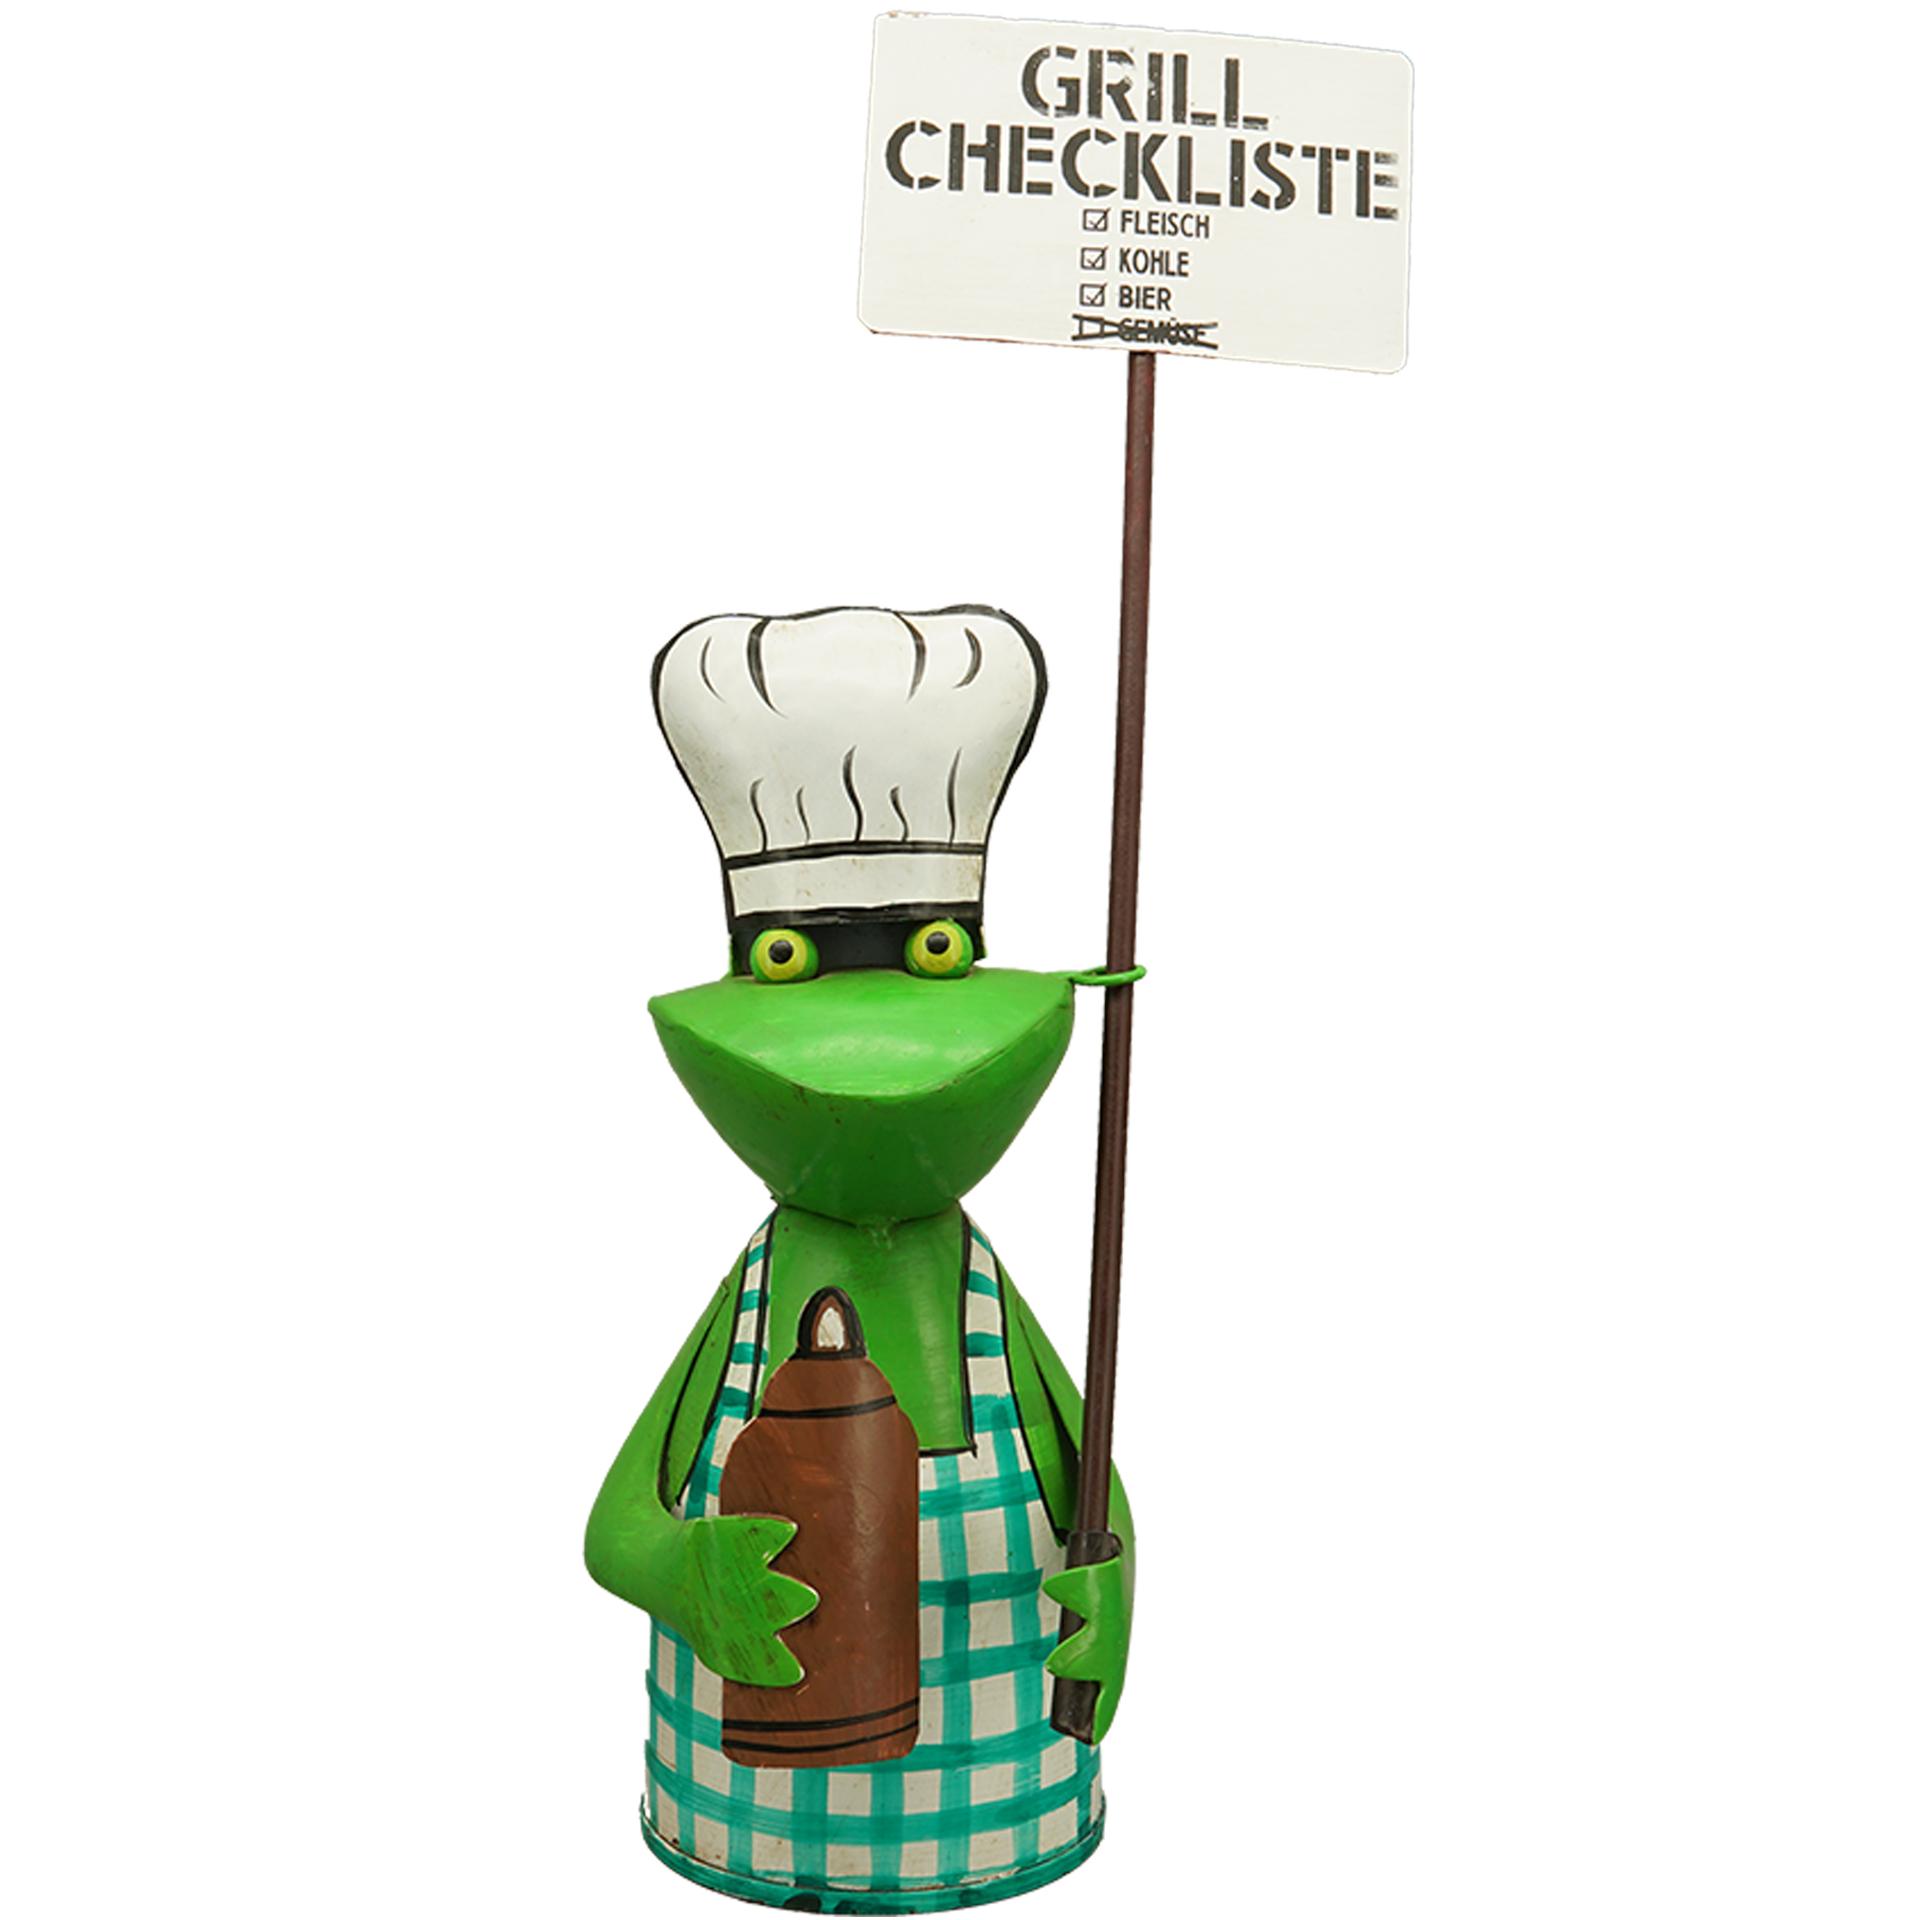 Zaunhocker Frosch BBQ grün - Checkliste